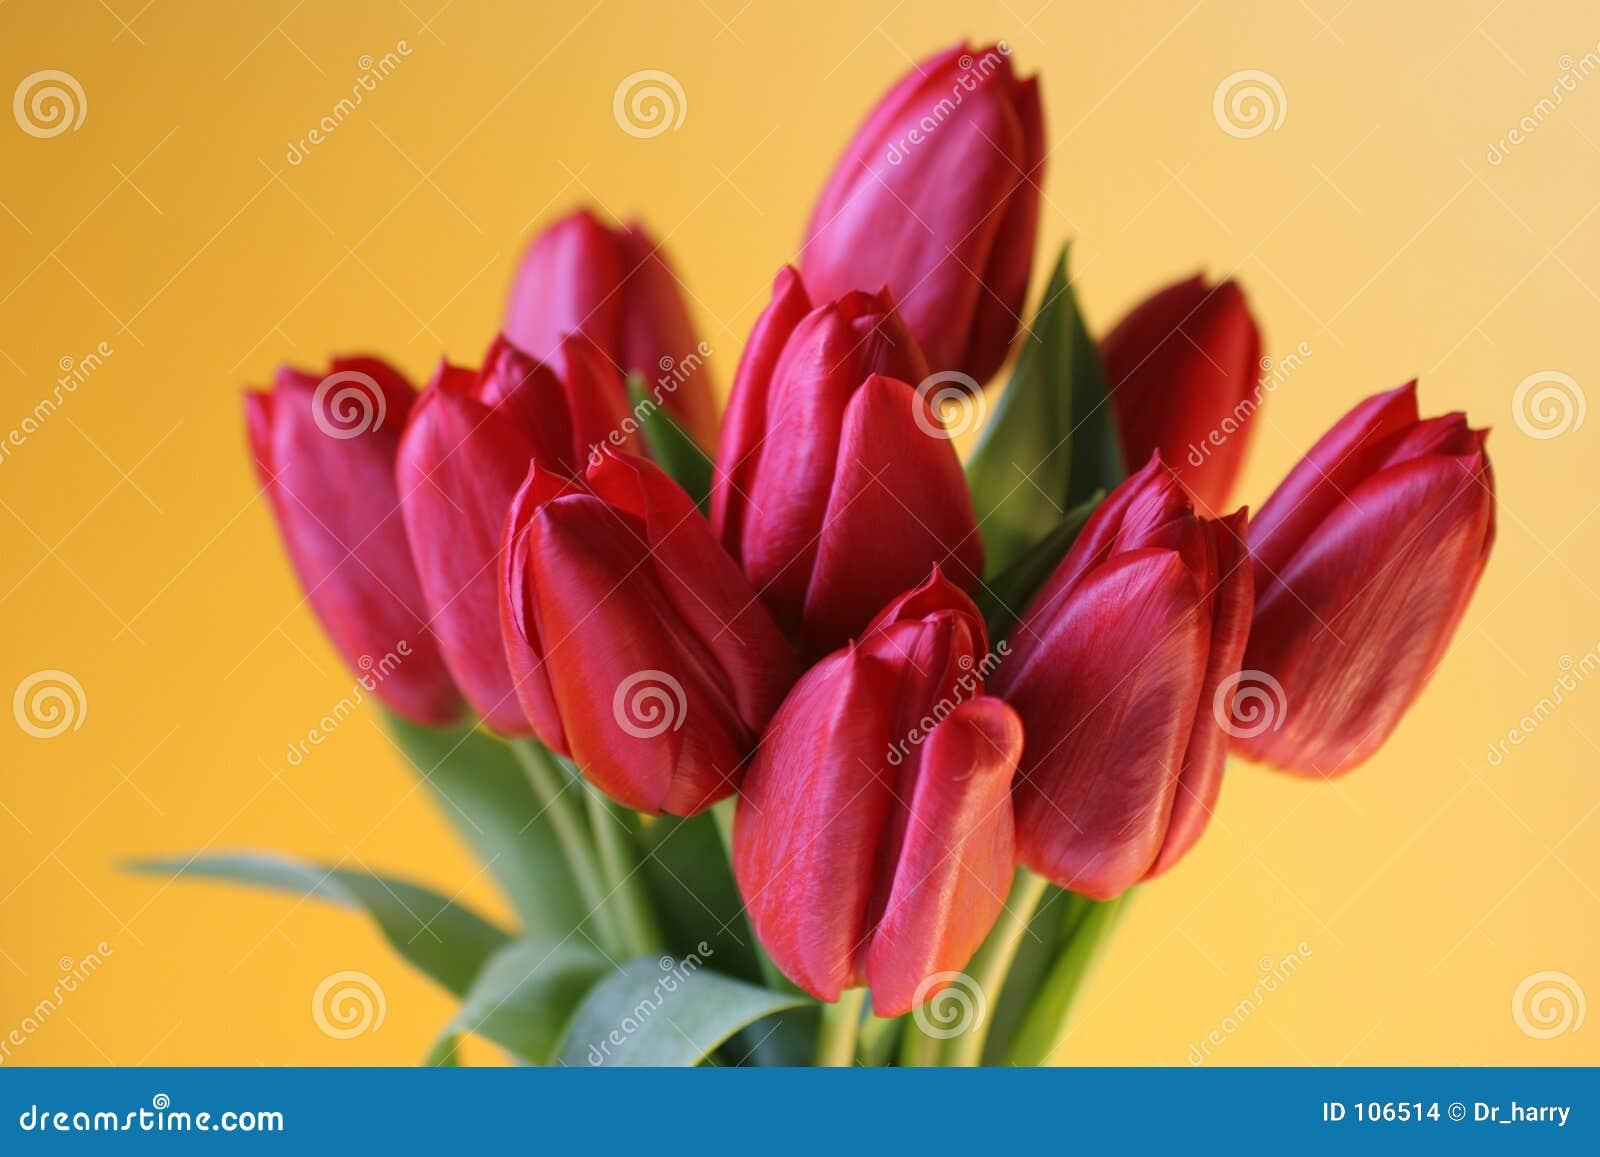 Rotes Tulpebündel auf Gelb